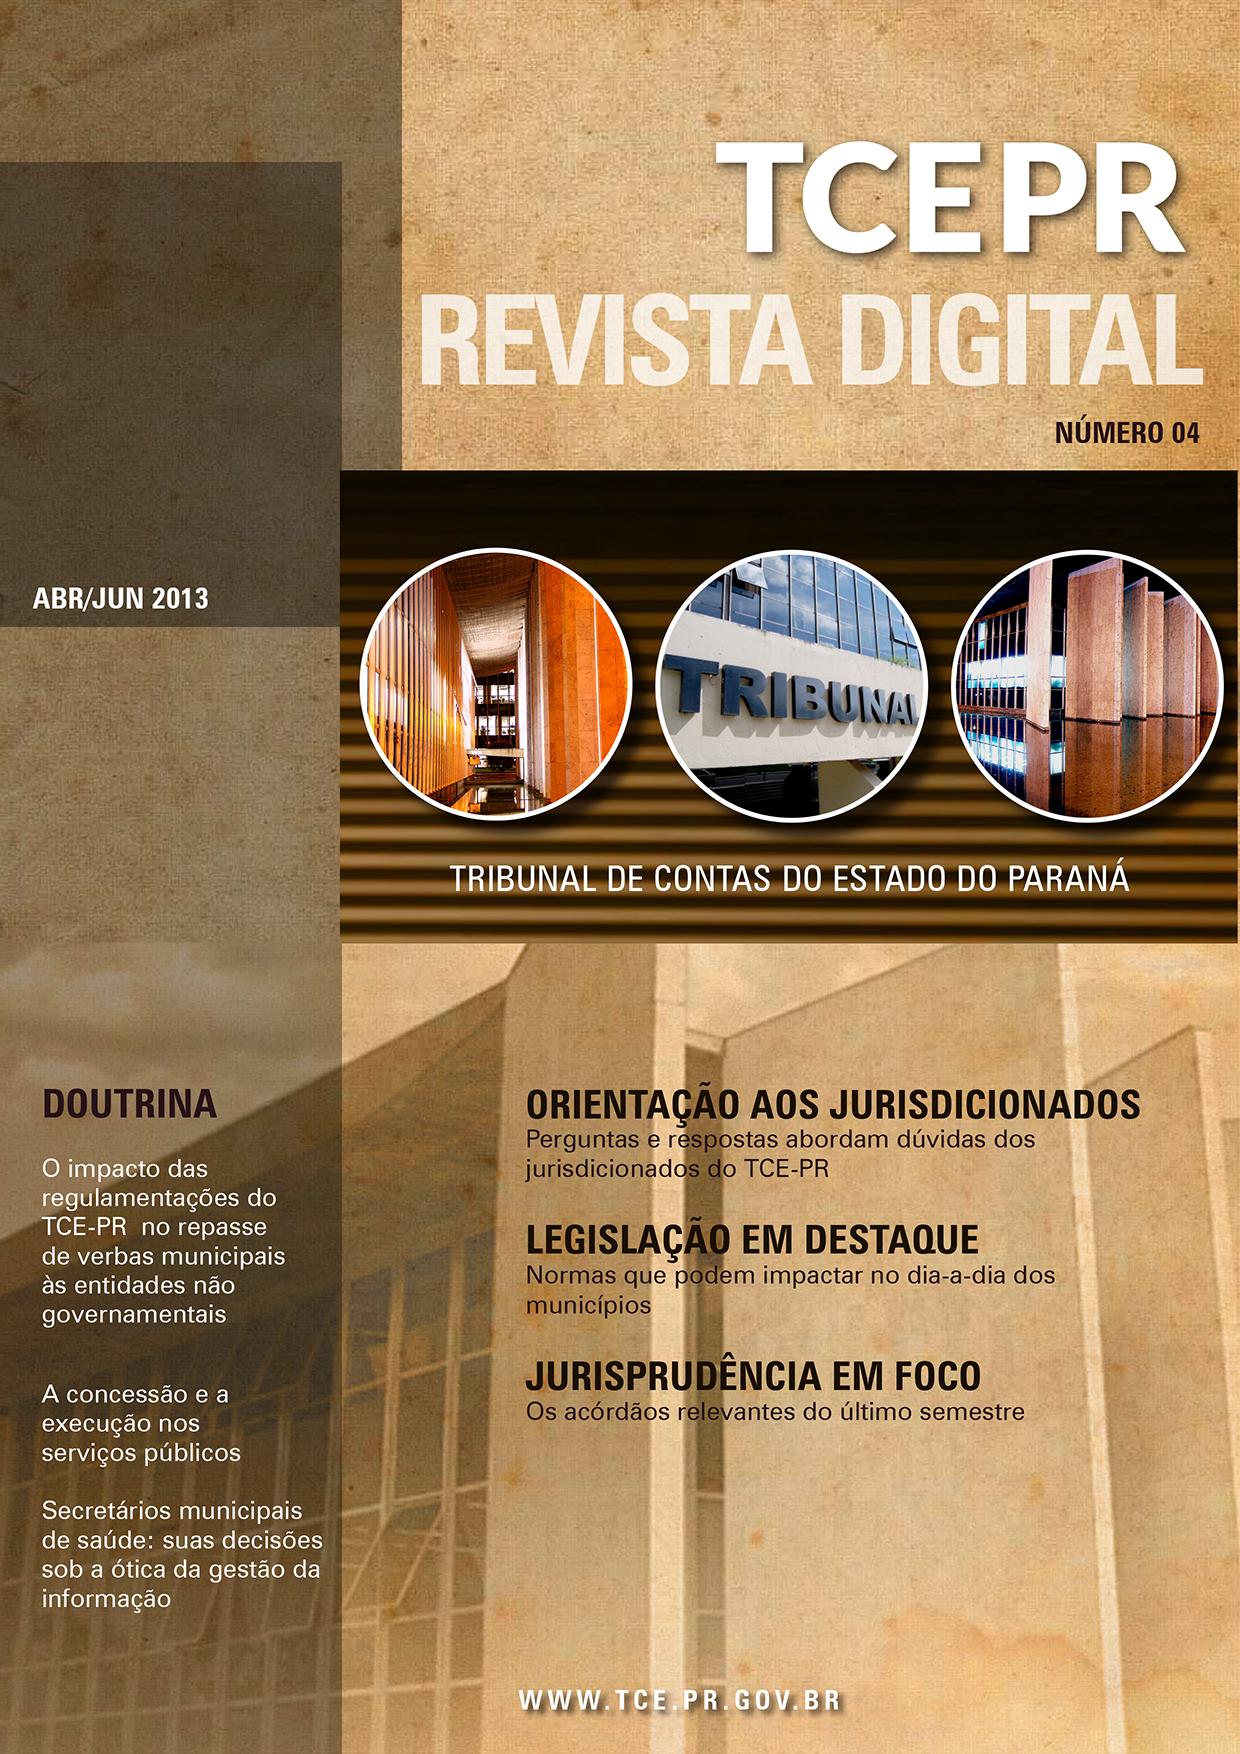 Revista Digital do TCEPR - número 4